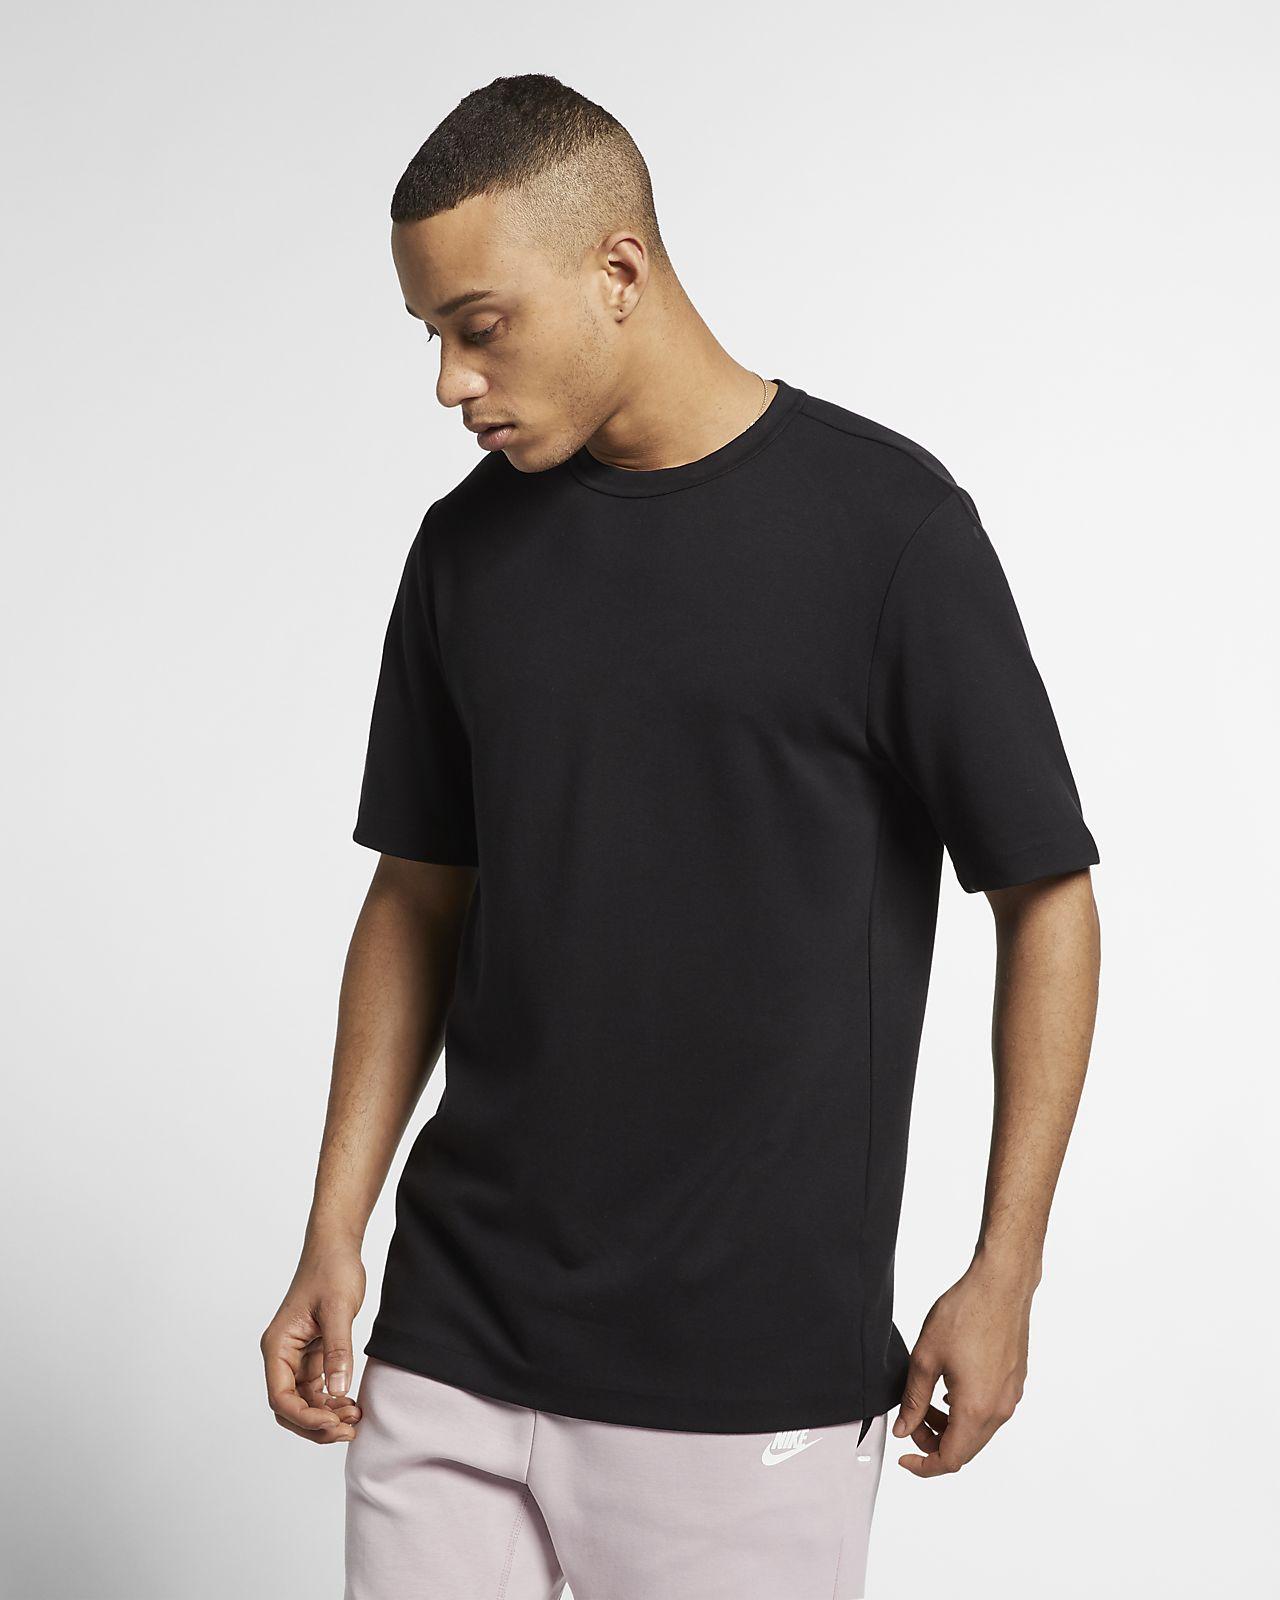 Nike Sportswear Tech Pack Short-Sleeve Top